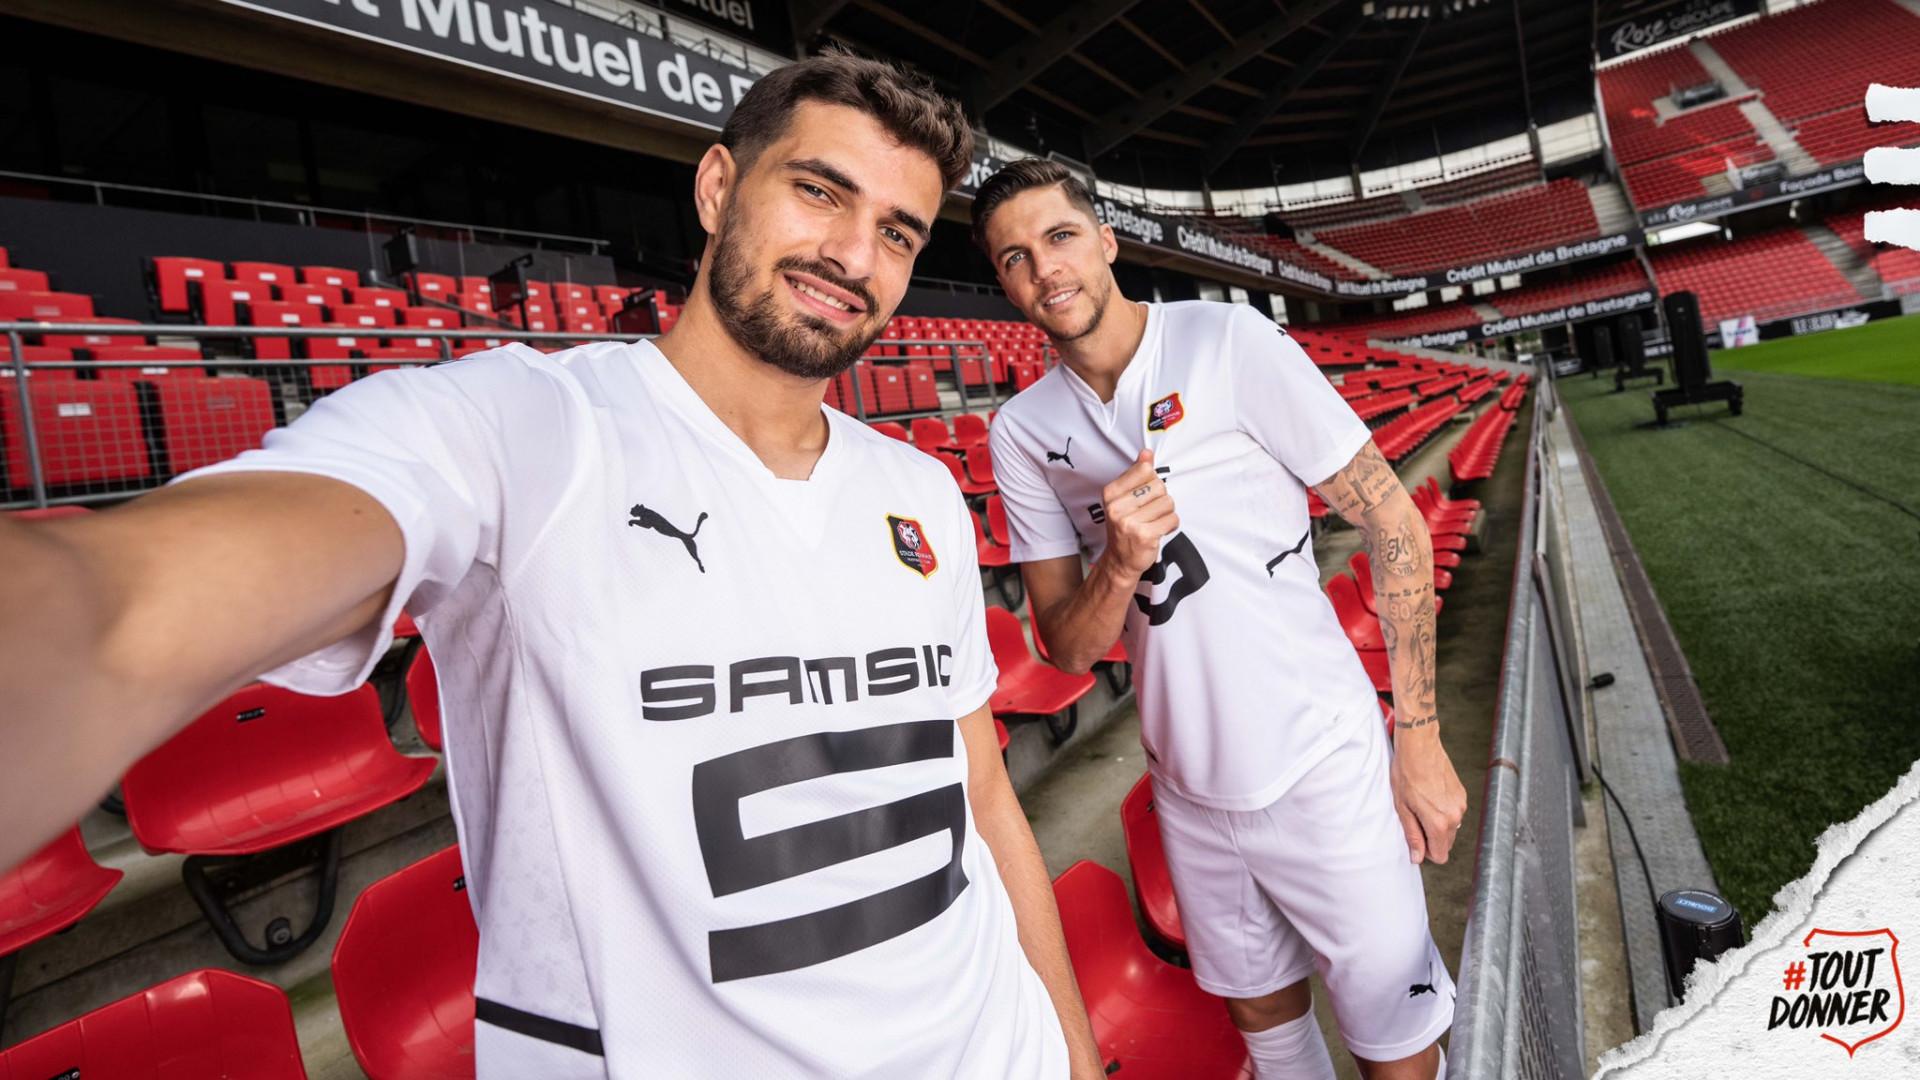 Le maillot extérieur de Rennes pour la saison 2021-2022